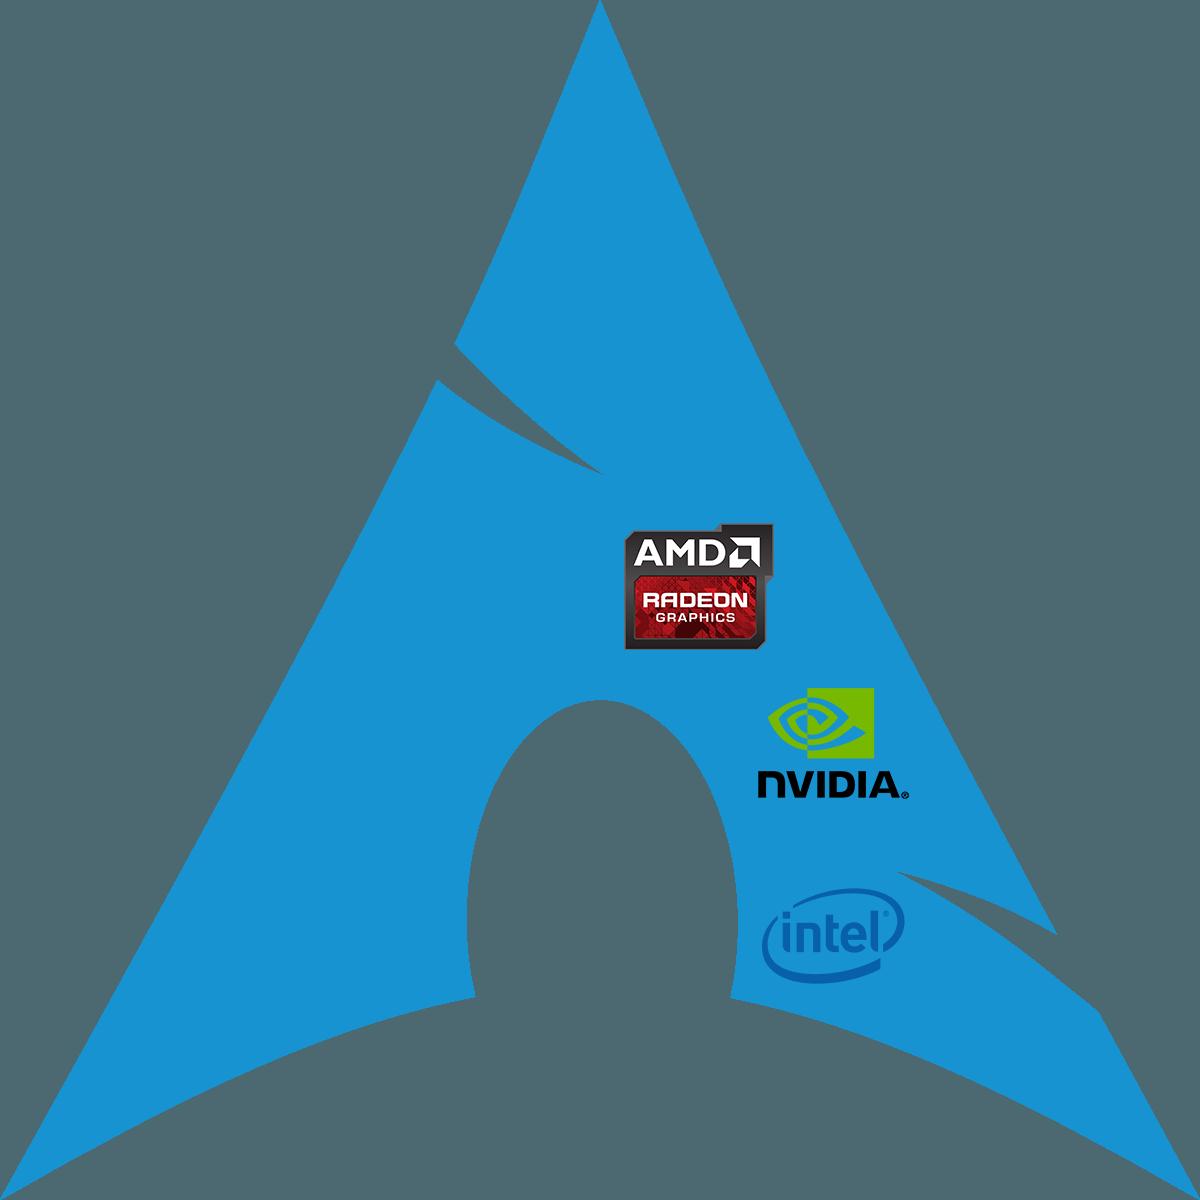 حل مشکل رکورد آرچ لینوکس